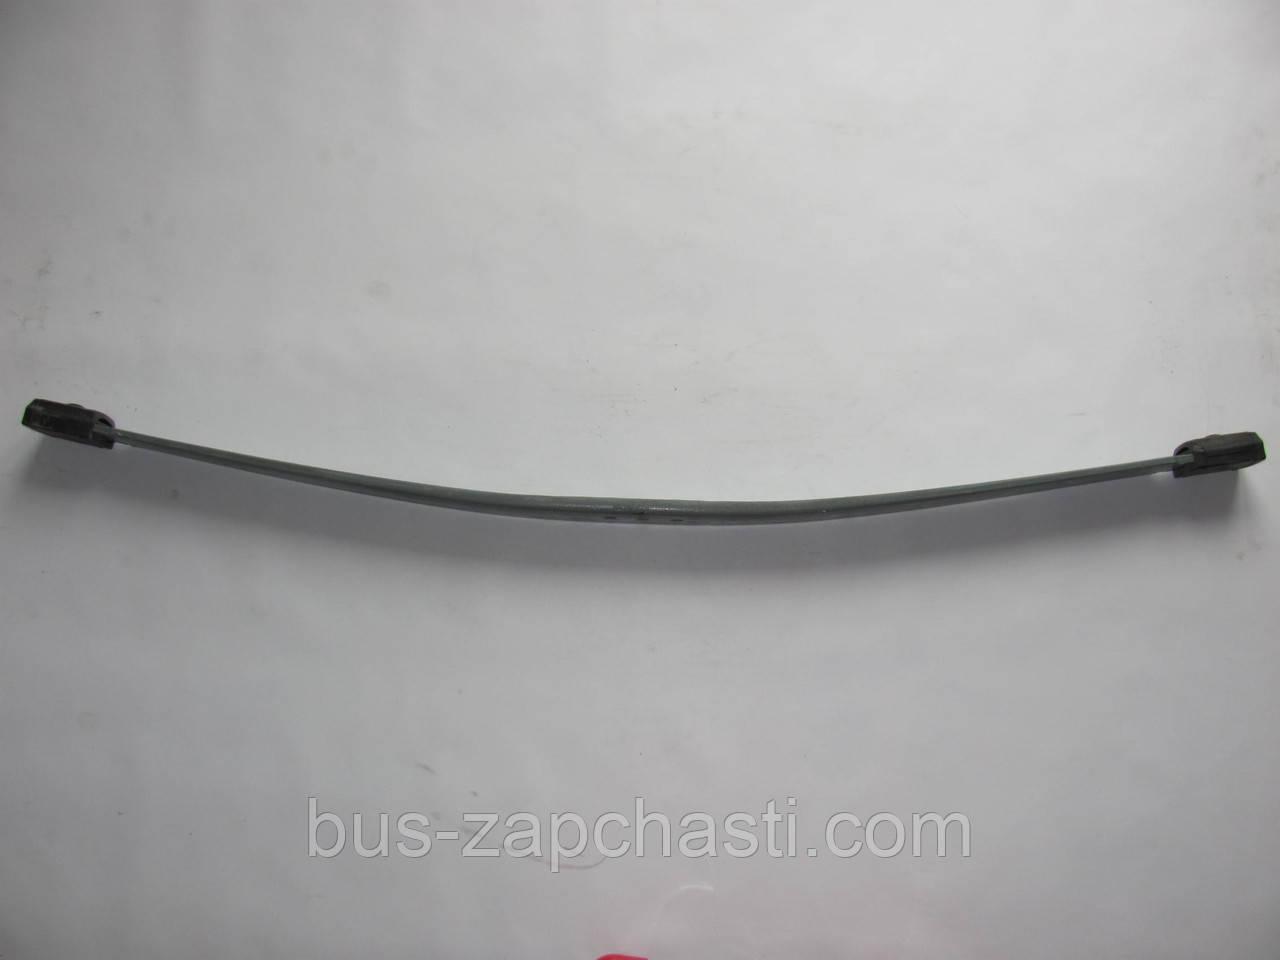 Подкоренной лист (с отверствием) на MB Sprinter 906, VW Crafter 2006→ — SVENSSON — 9063200406/02